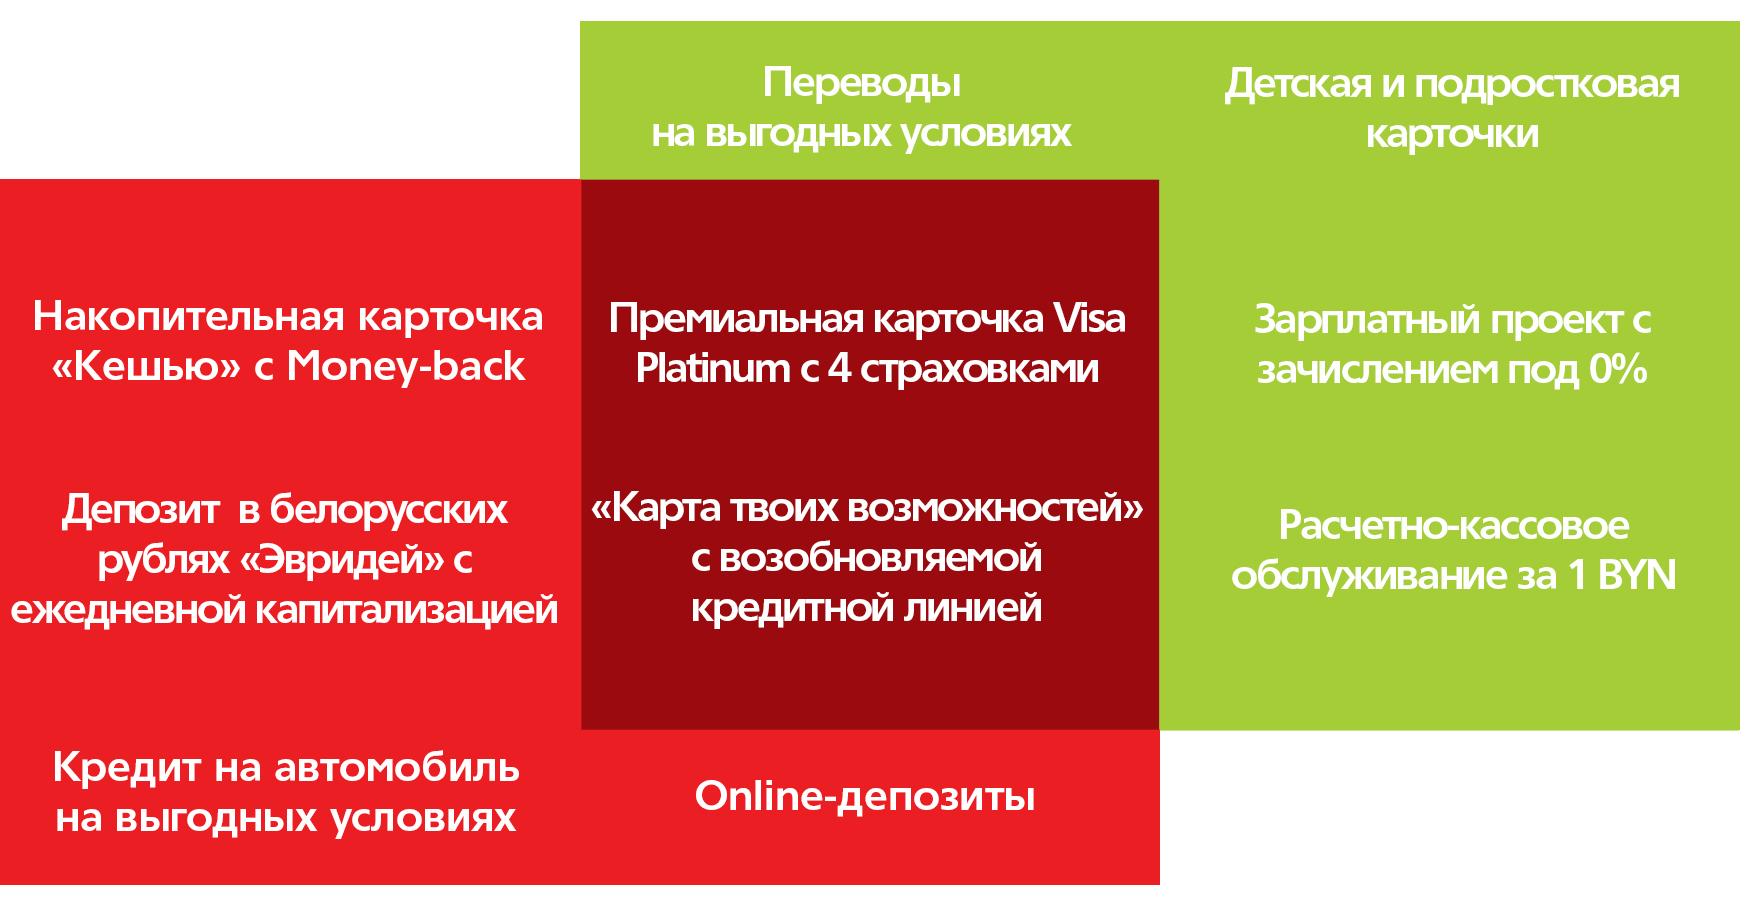 Бта банк онлайн кредит определение дебета и кредита онлайн